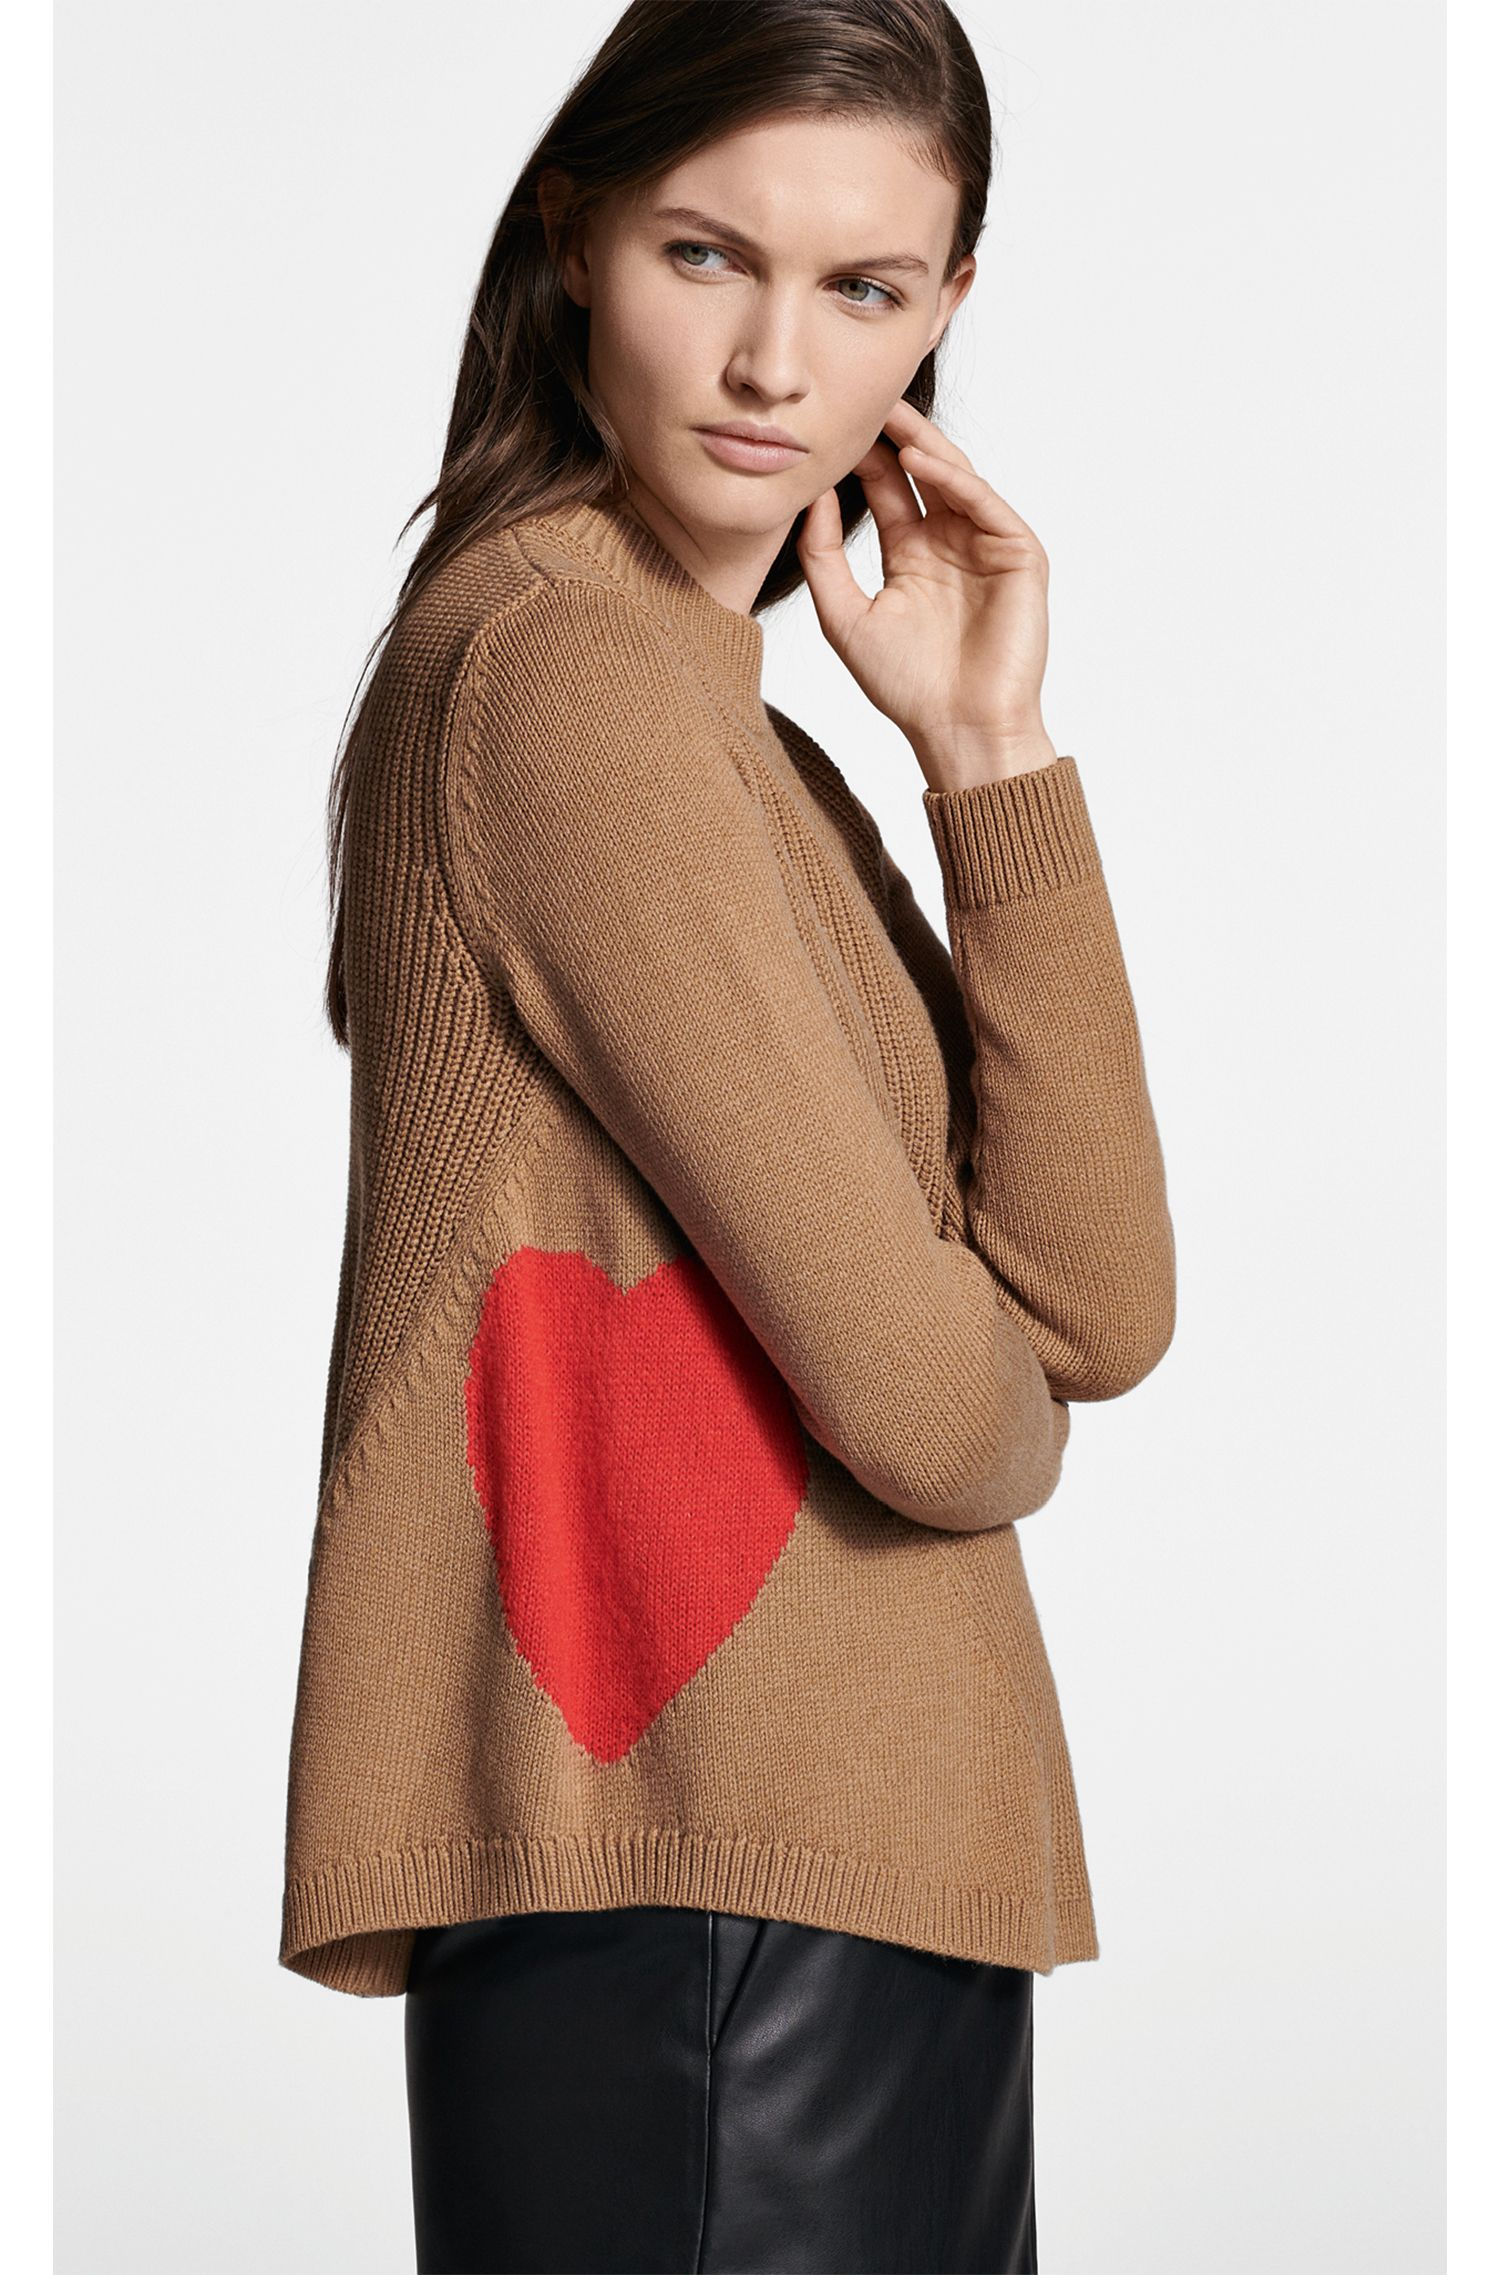 Ausgestellter Pullover aus Baumwoll-Schurwoll-Mix mit Herz-Motiv, Hellbraun